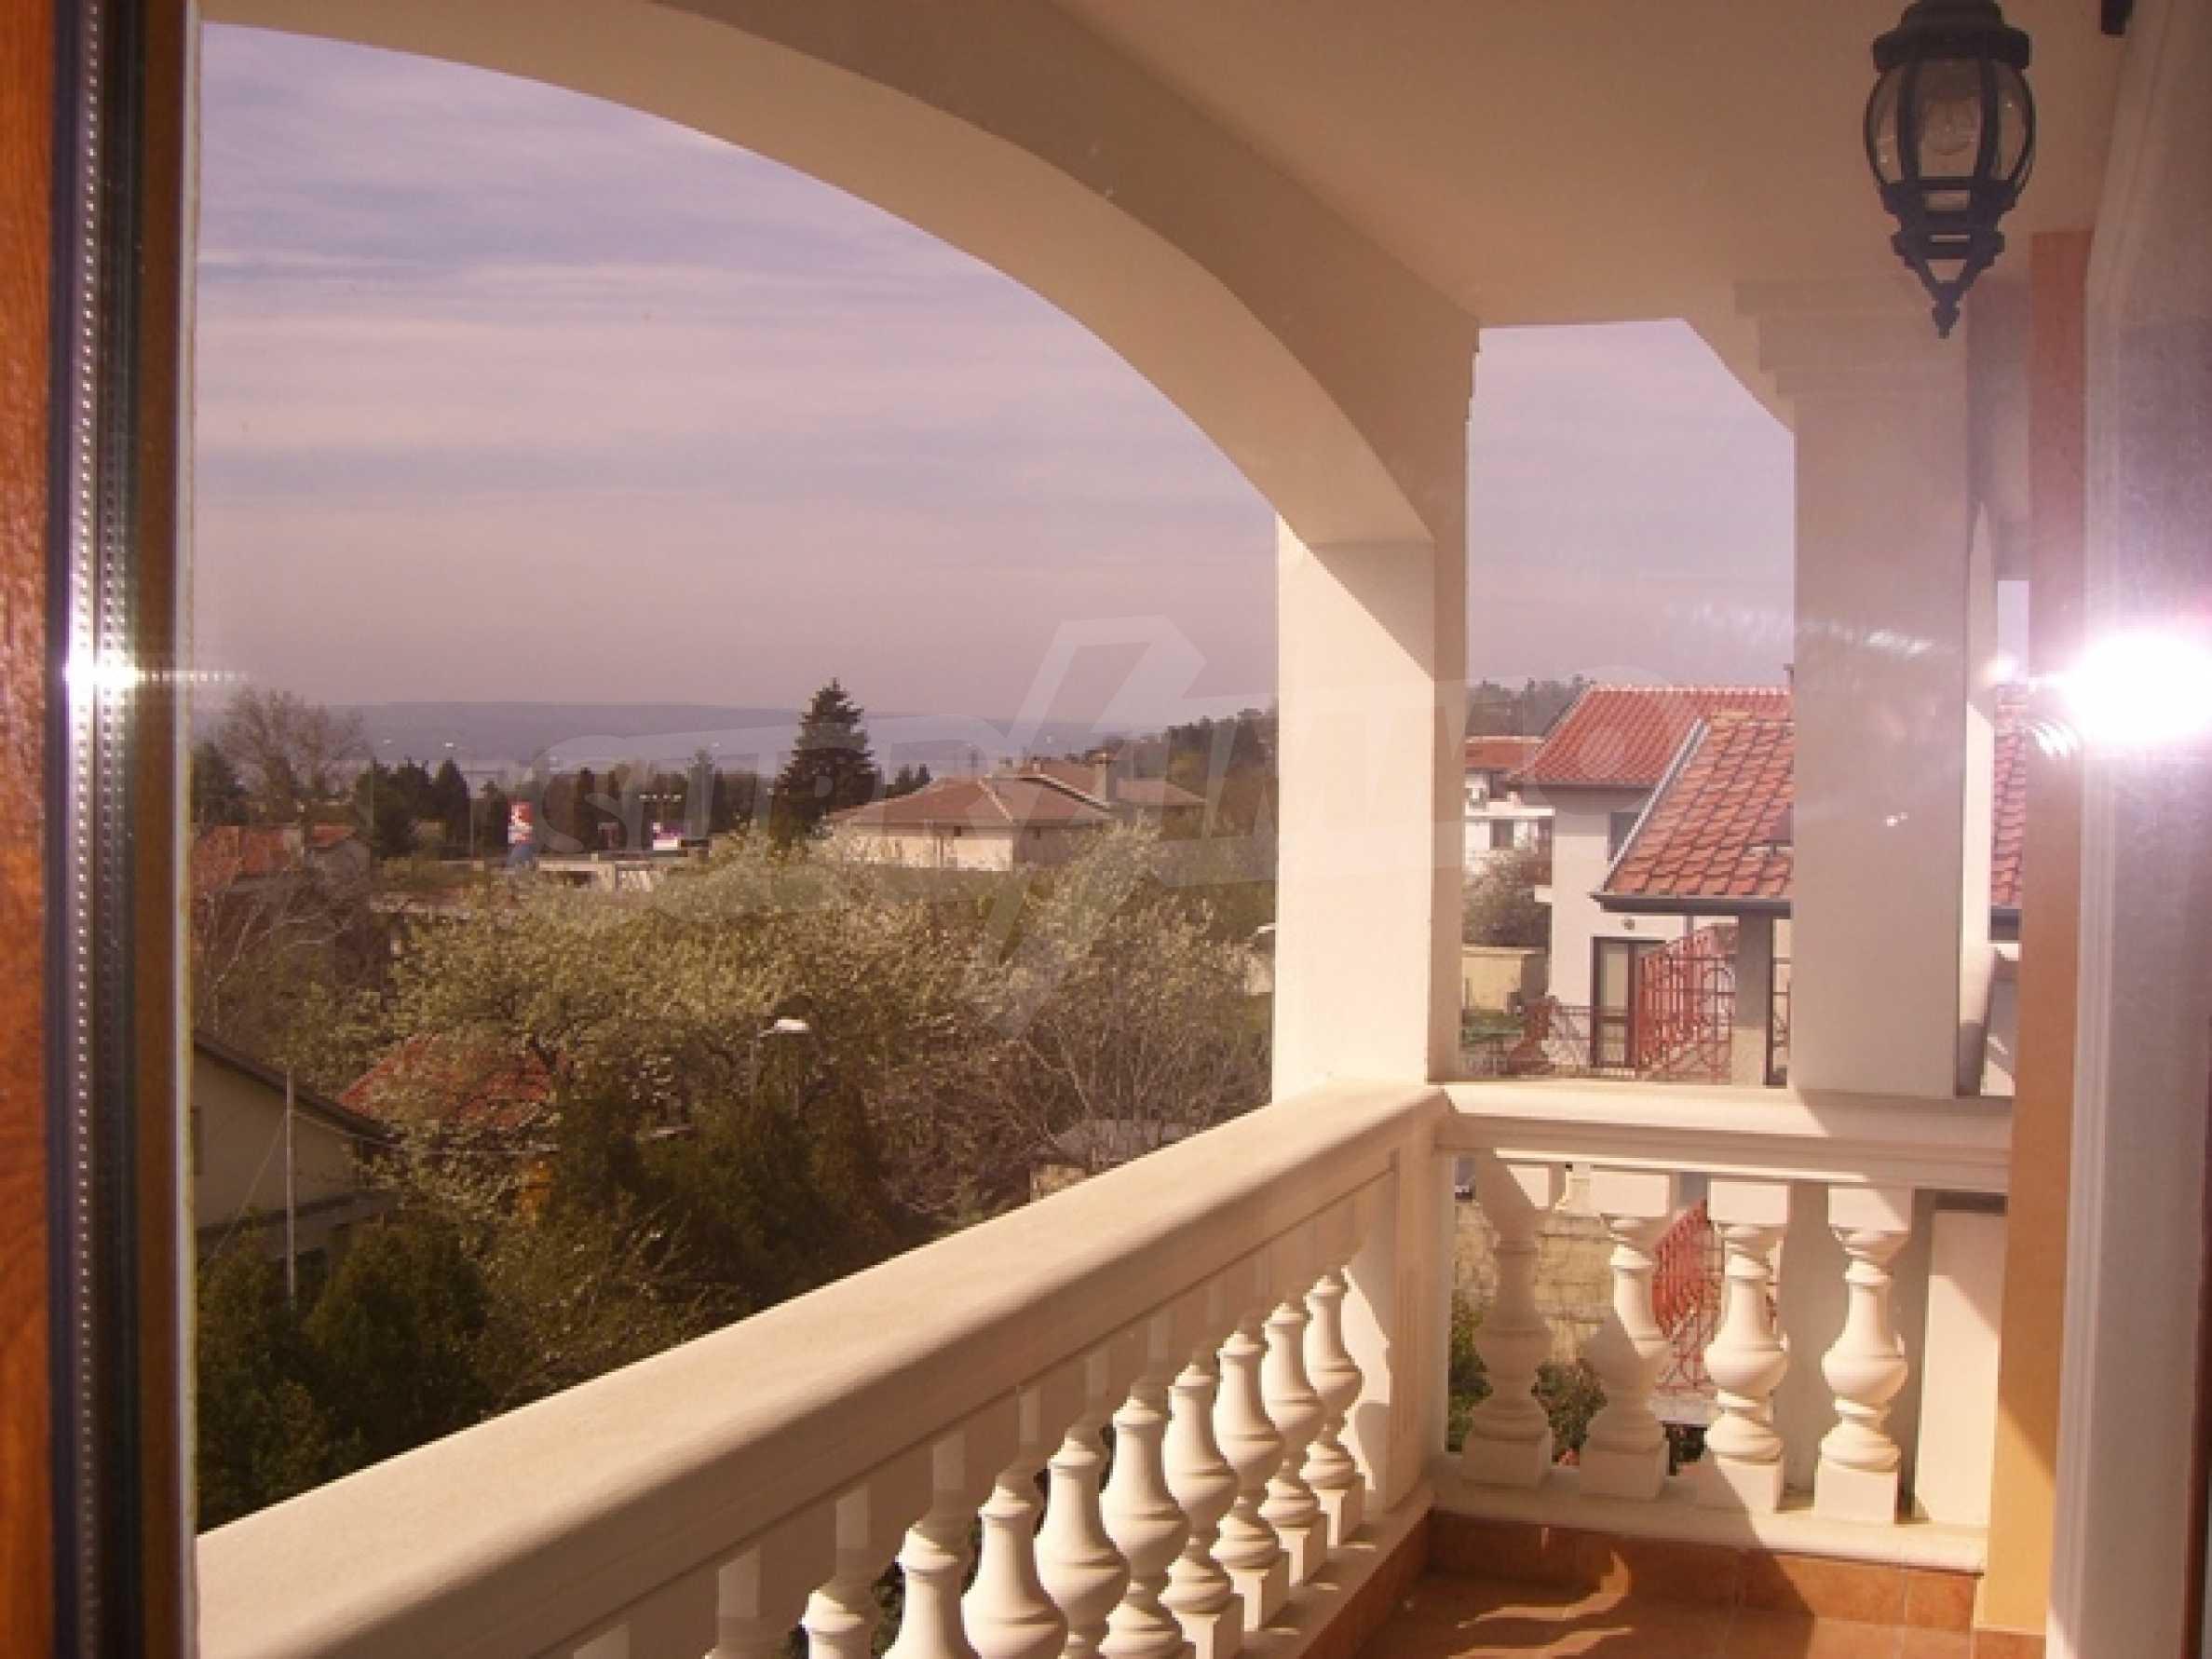 Residenz bulgarischen Traumhaus 29